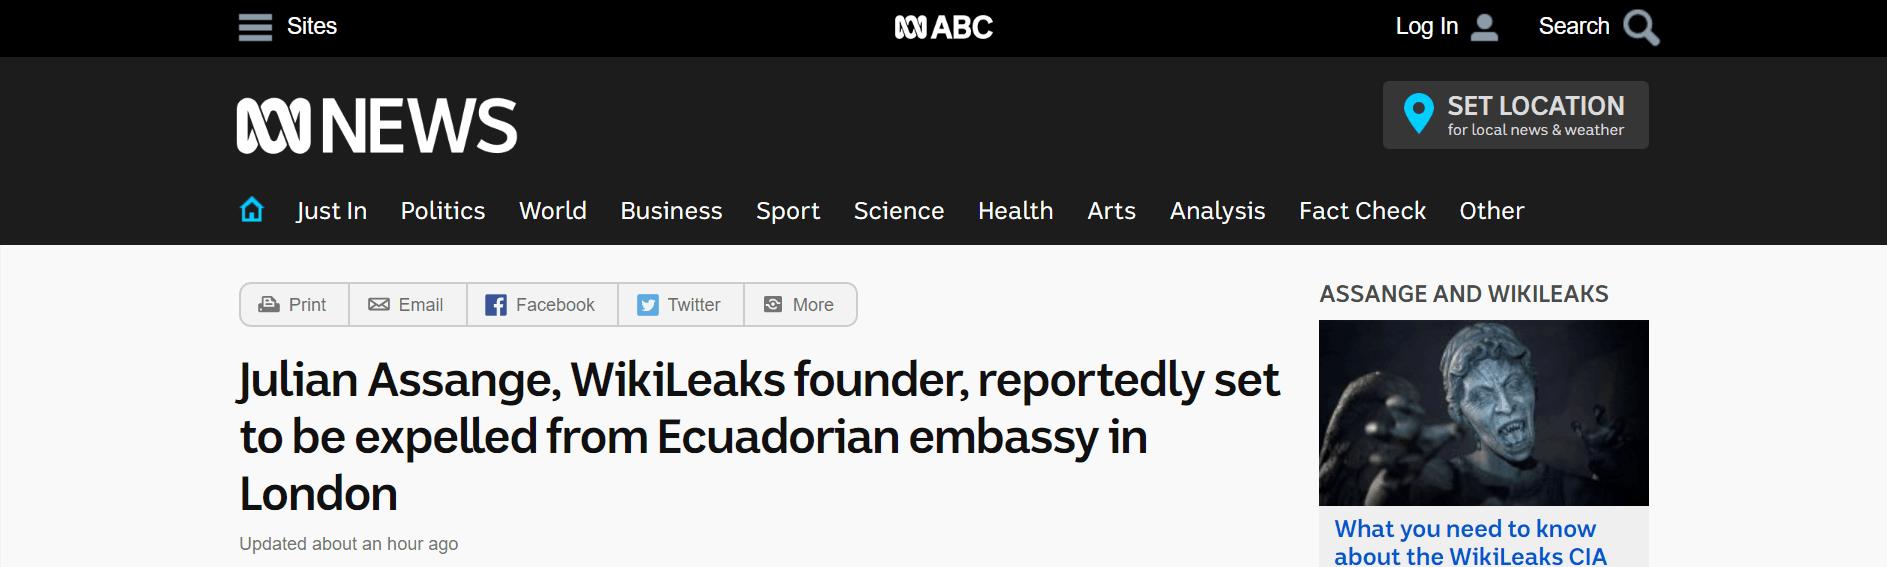 澳媒:维基解密创始人阿桑奇将被逐出厄瓜多尔驻伦敦大使馆